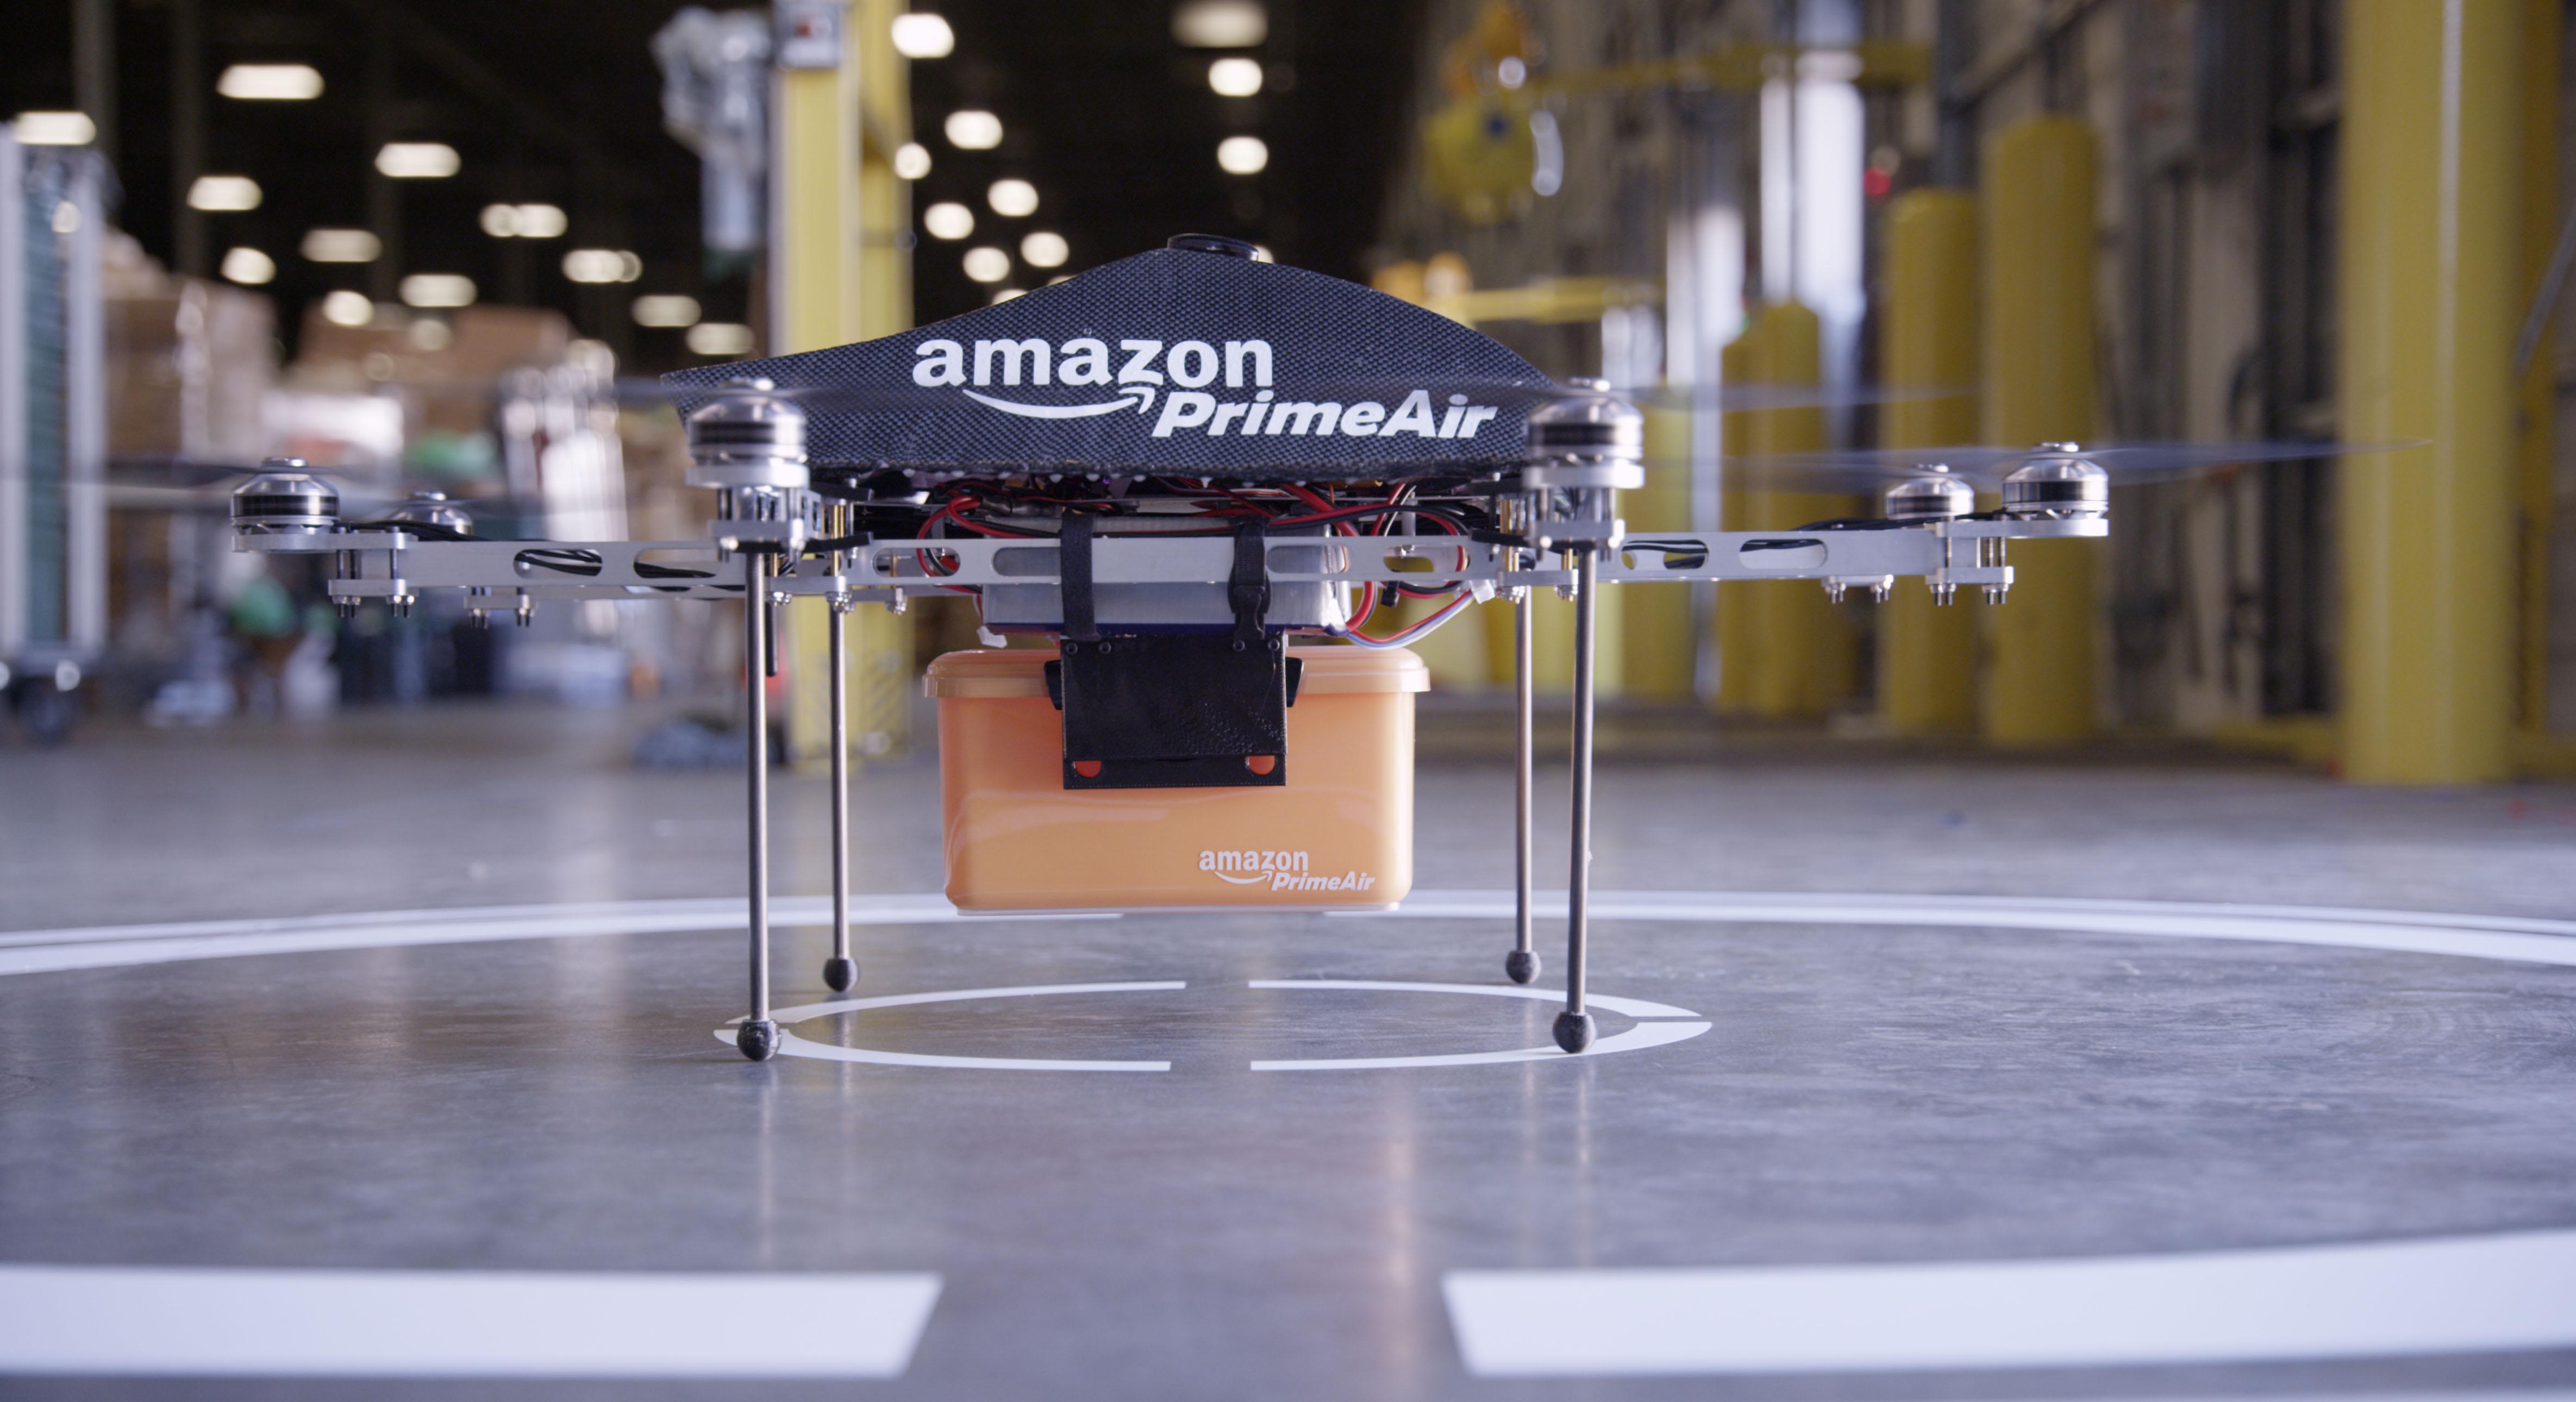 Drones : les États-Unis planchent sur une réglementation stricte, même pour les livraisons de colis